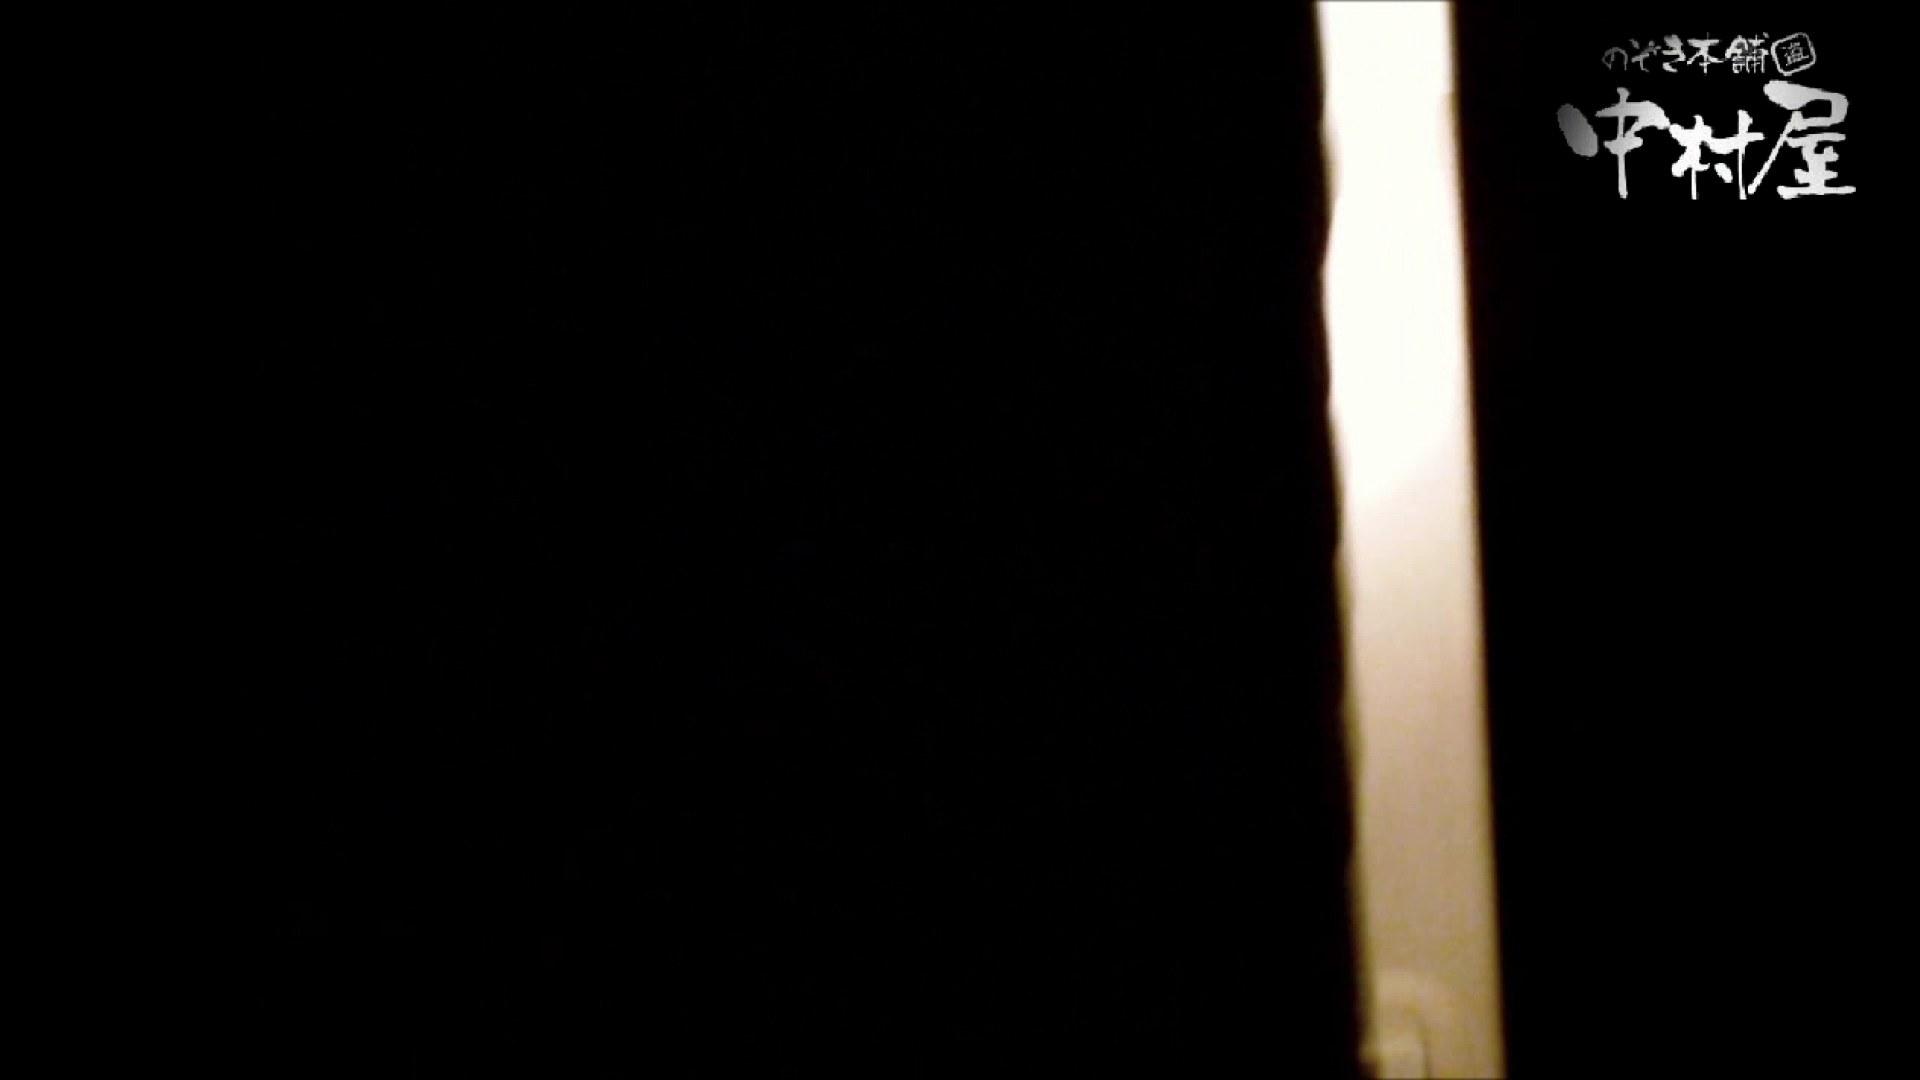 雅さんの独断と偏見で集めた動画集 民家Vol.4 ギャルのエロ動画 SEX無修正画像 111PIX 56